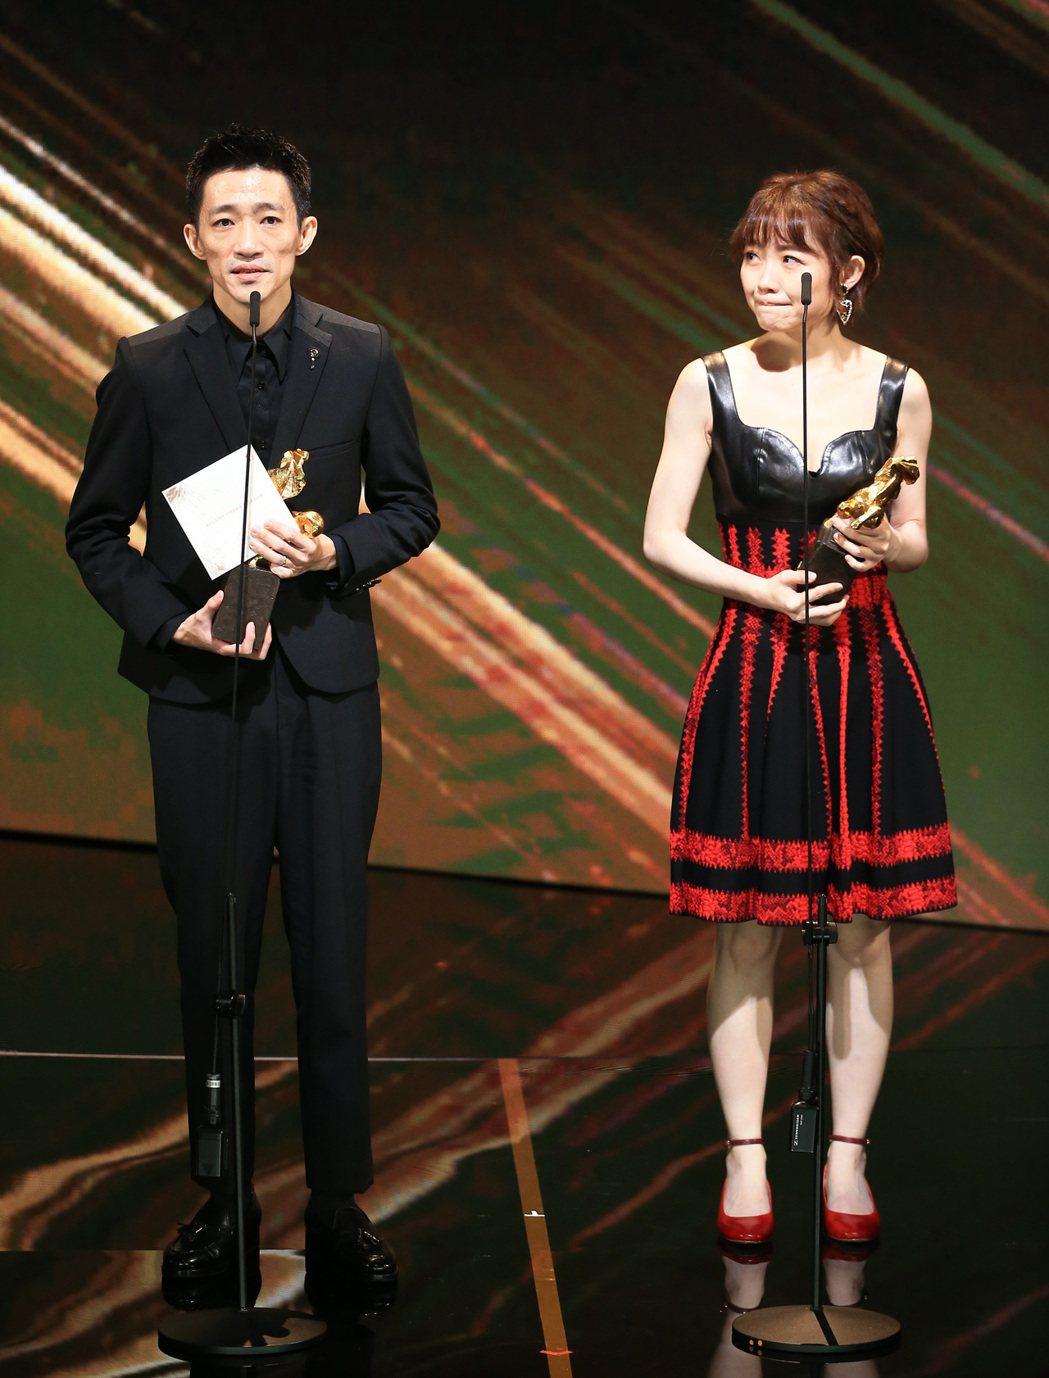 第56屆金馬獎頒獎典禮,「返校」獲頒最佳改編劇本獎。記者林伯東/攝影